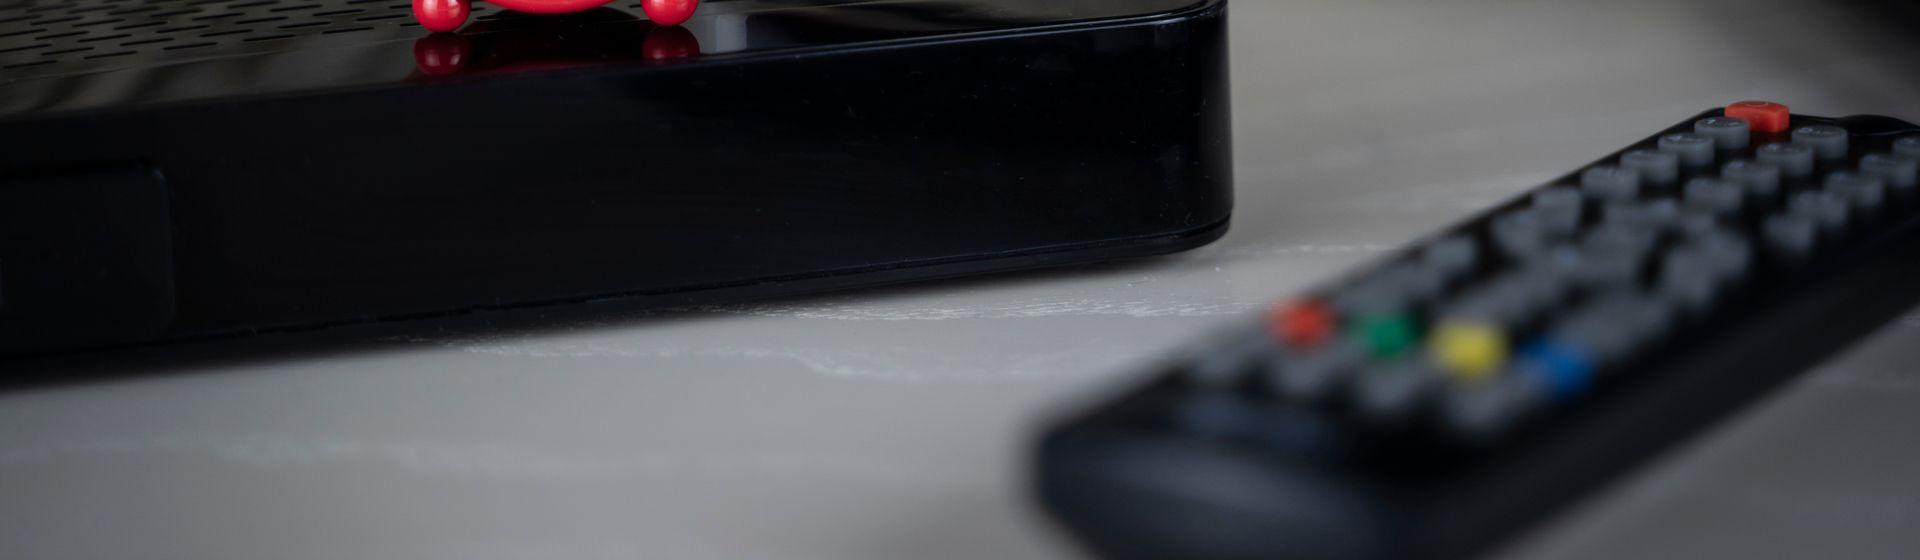 TV Box MXQ Pro 4K é boa? Veja os detalhes do aparelho